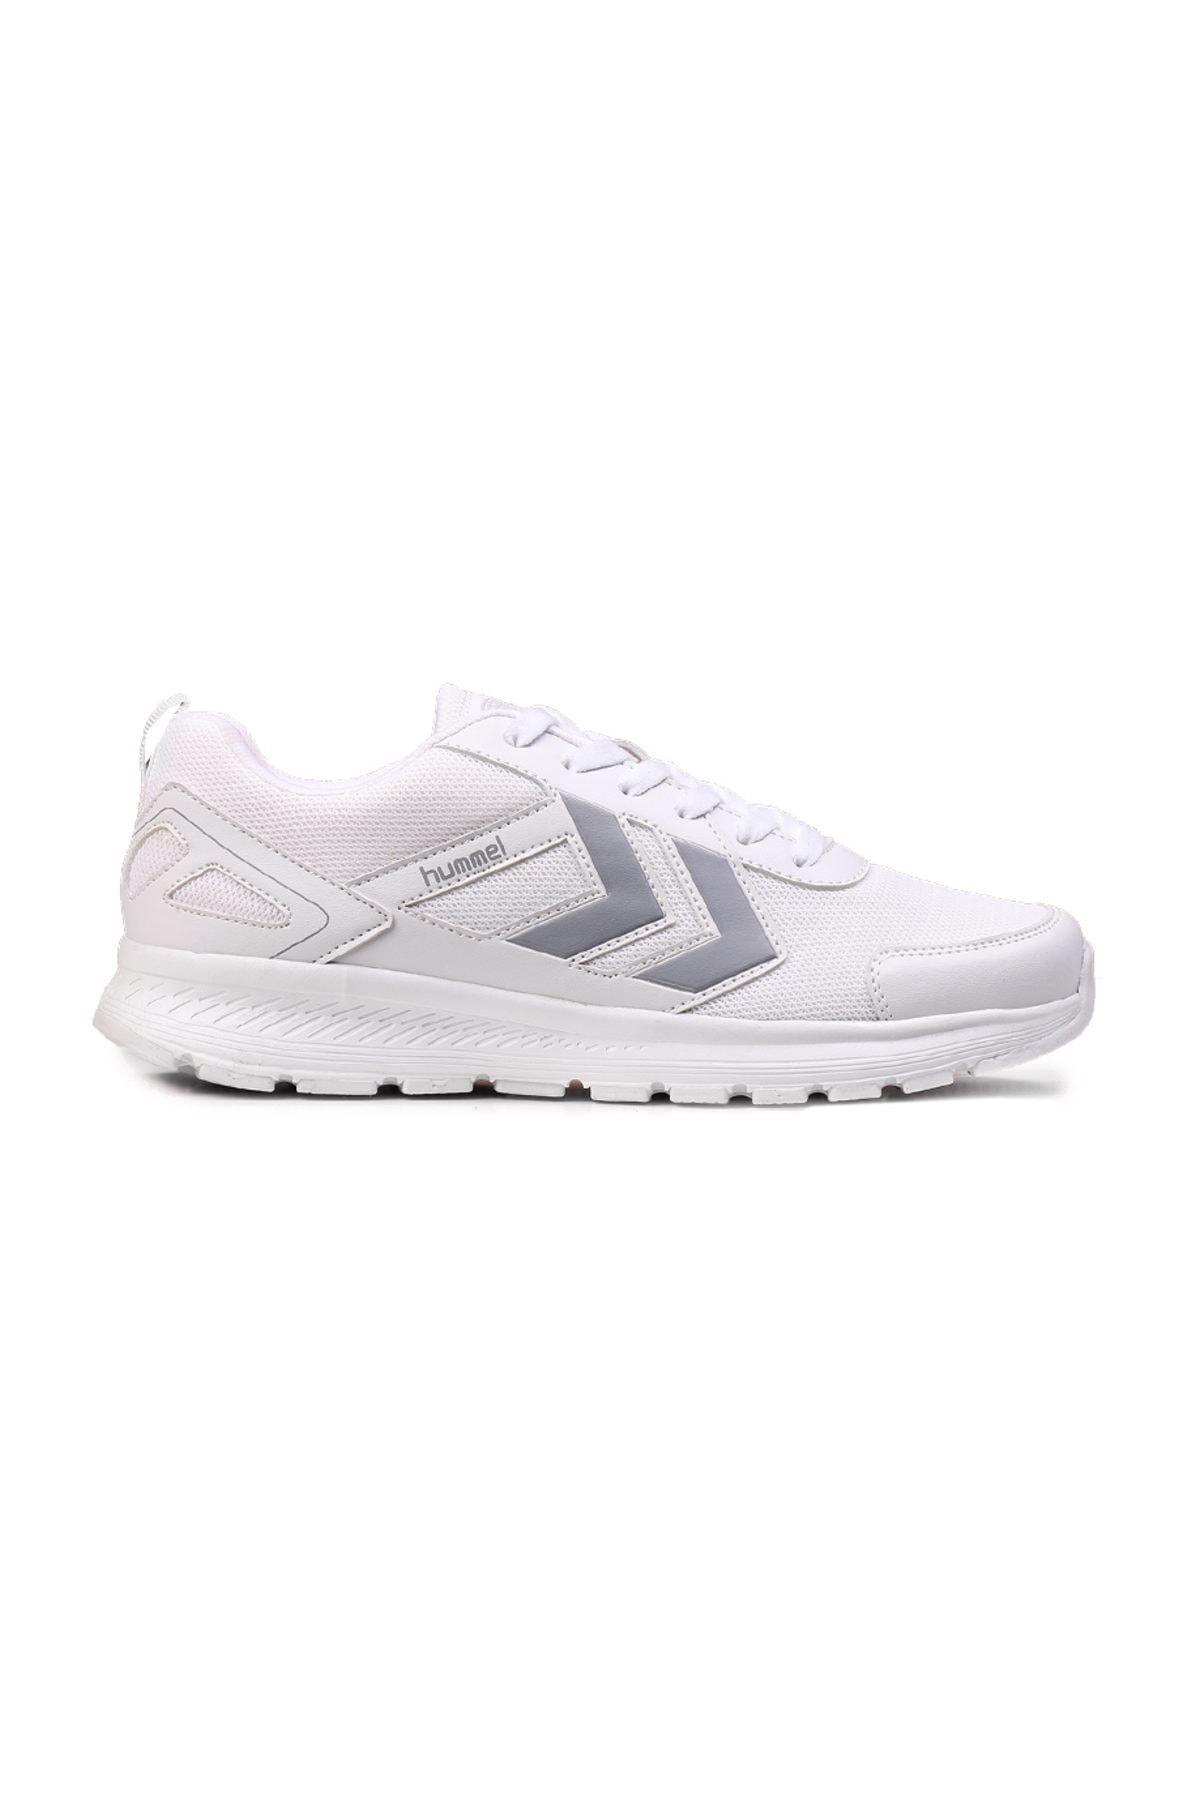 HUMMEL Unisex Koşu & Antrenman Ayakkabısı - Hmlrush Sneaker (Spe 1